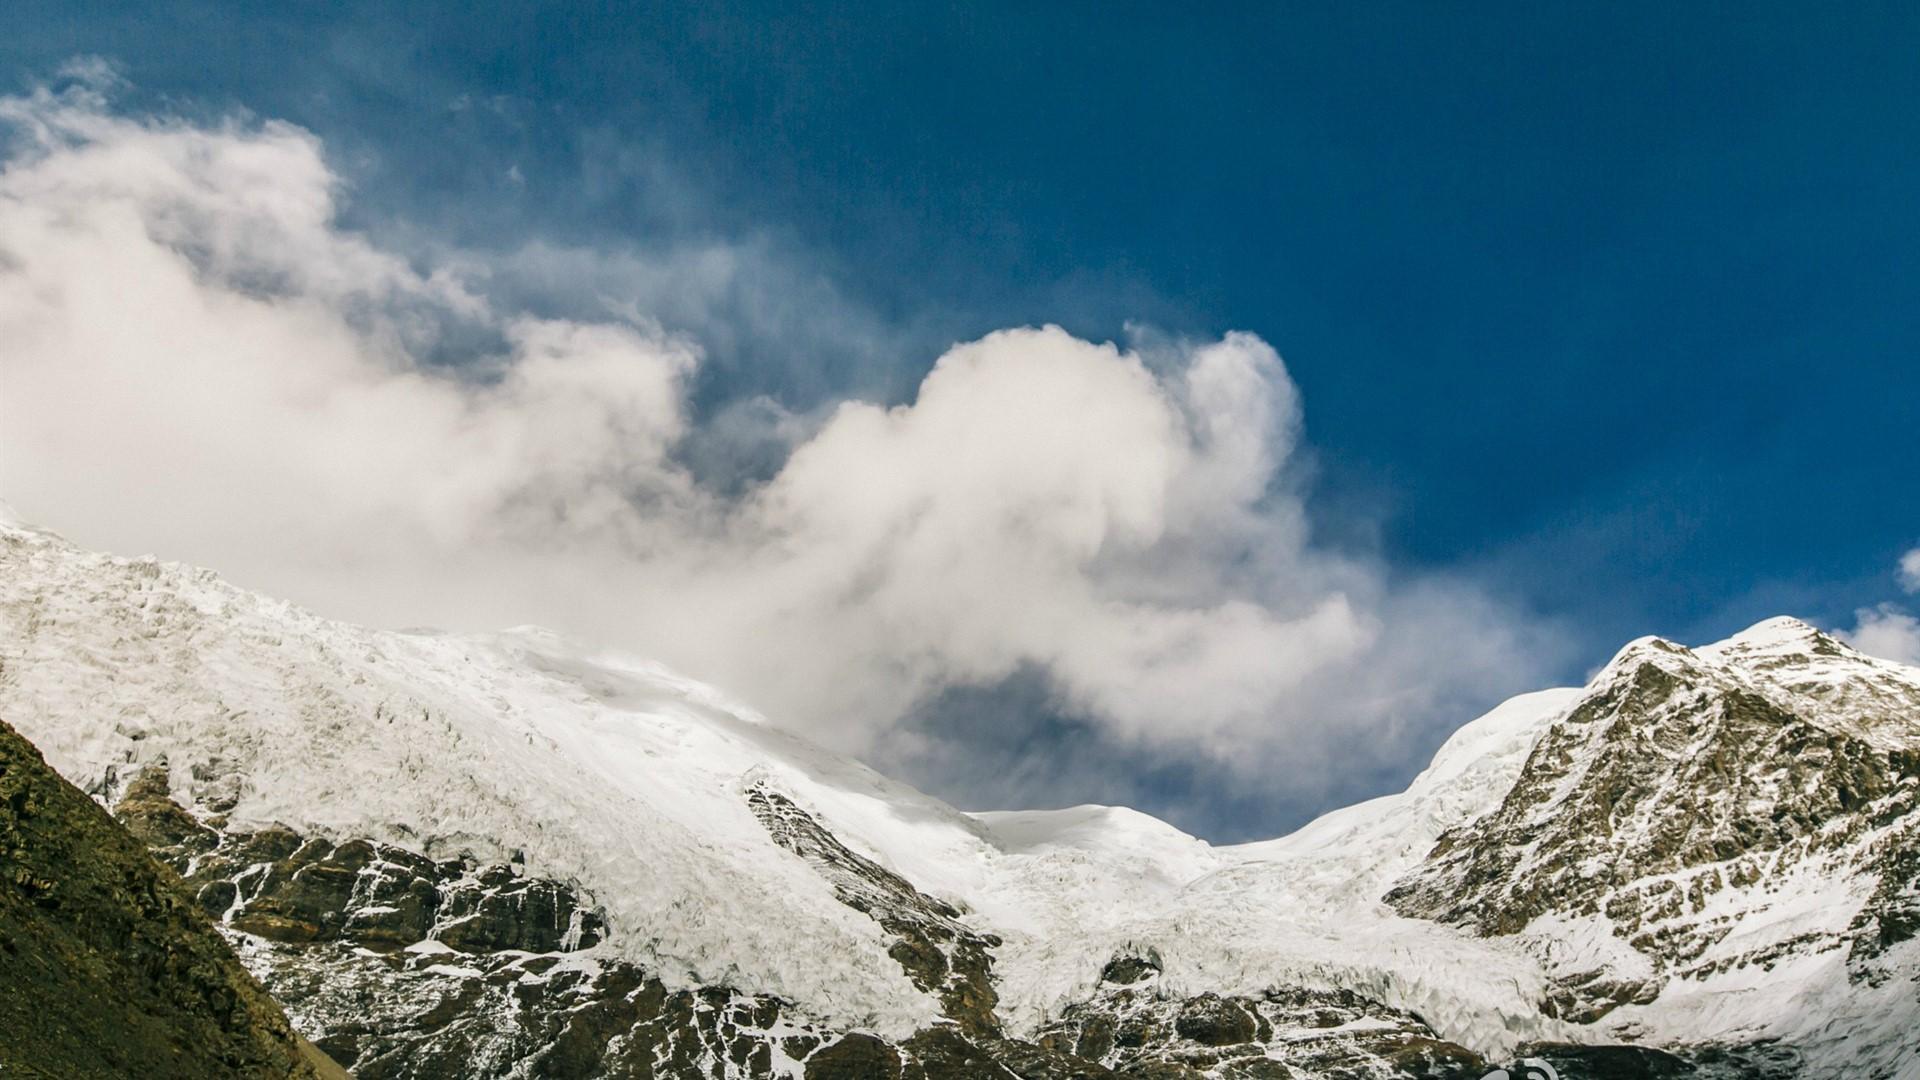 云与山壮阔风景图片桌面壁纸